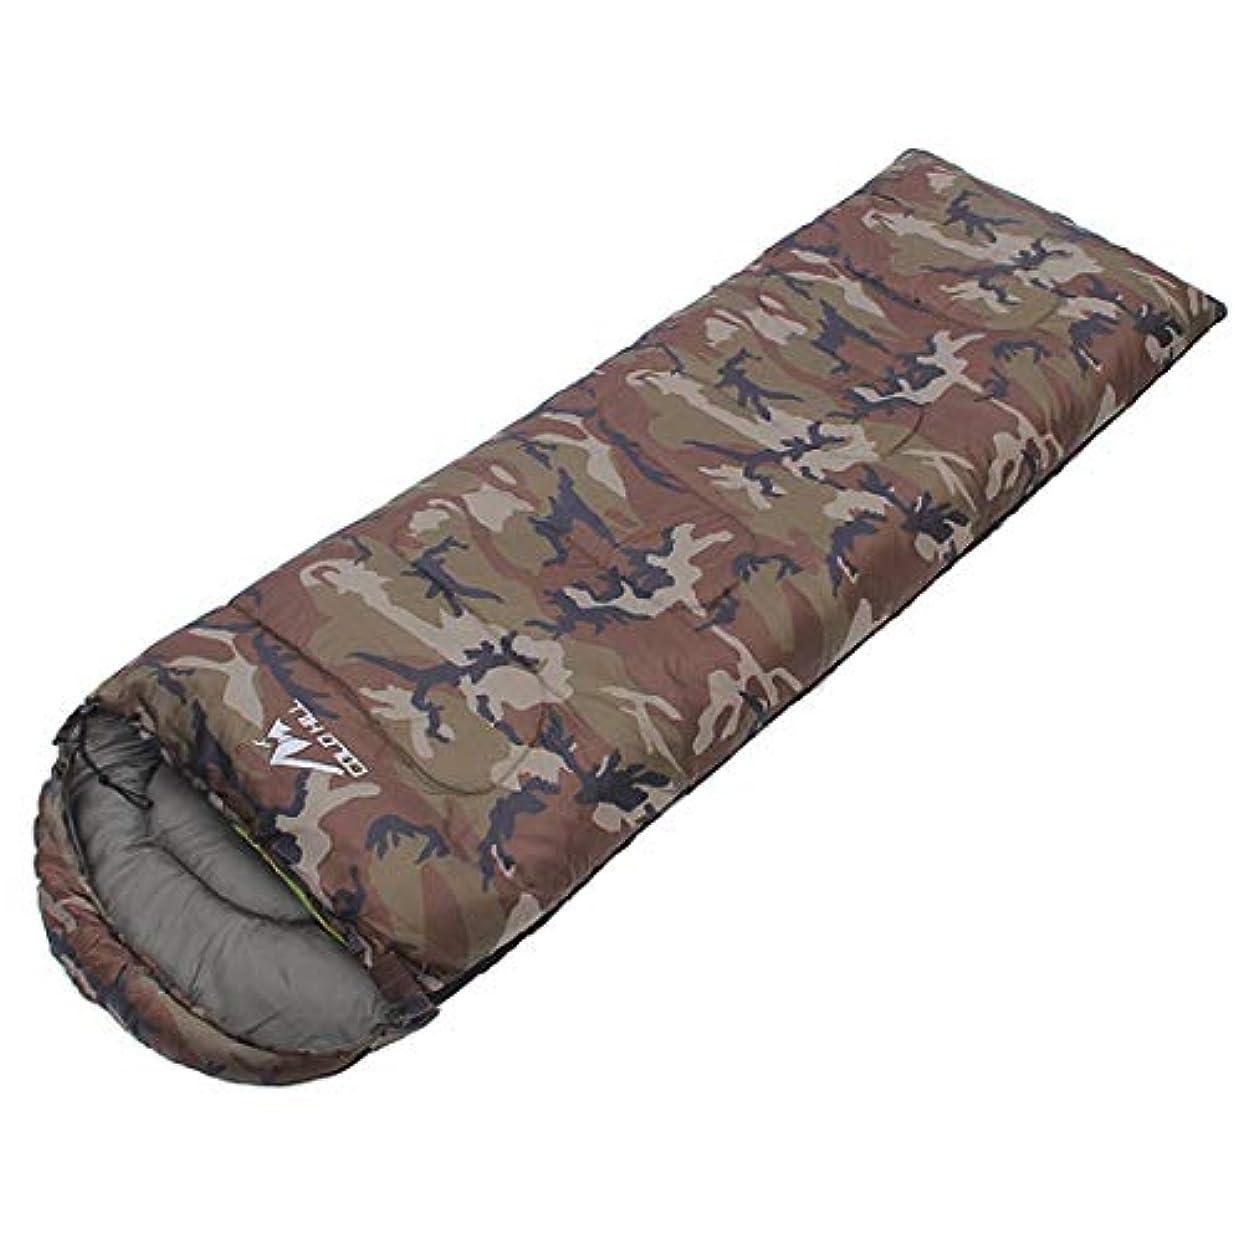 リーダーシップ目的わずらわしいCUBCBIIS 独身者のキャンプの寝袋の軽量の暖かく通気性の理想的なキャンプ用品 (サイズ : 75cm)